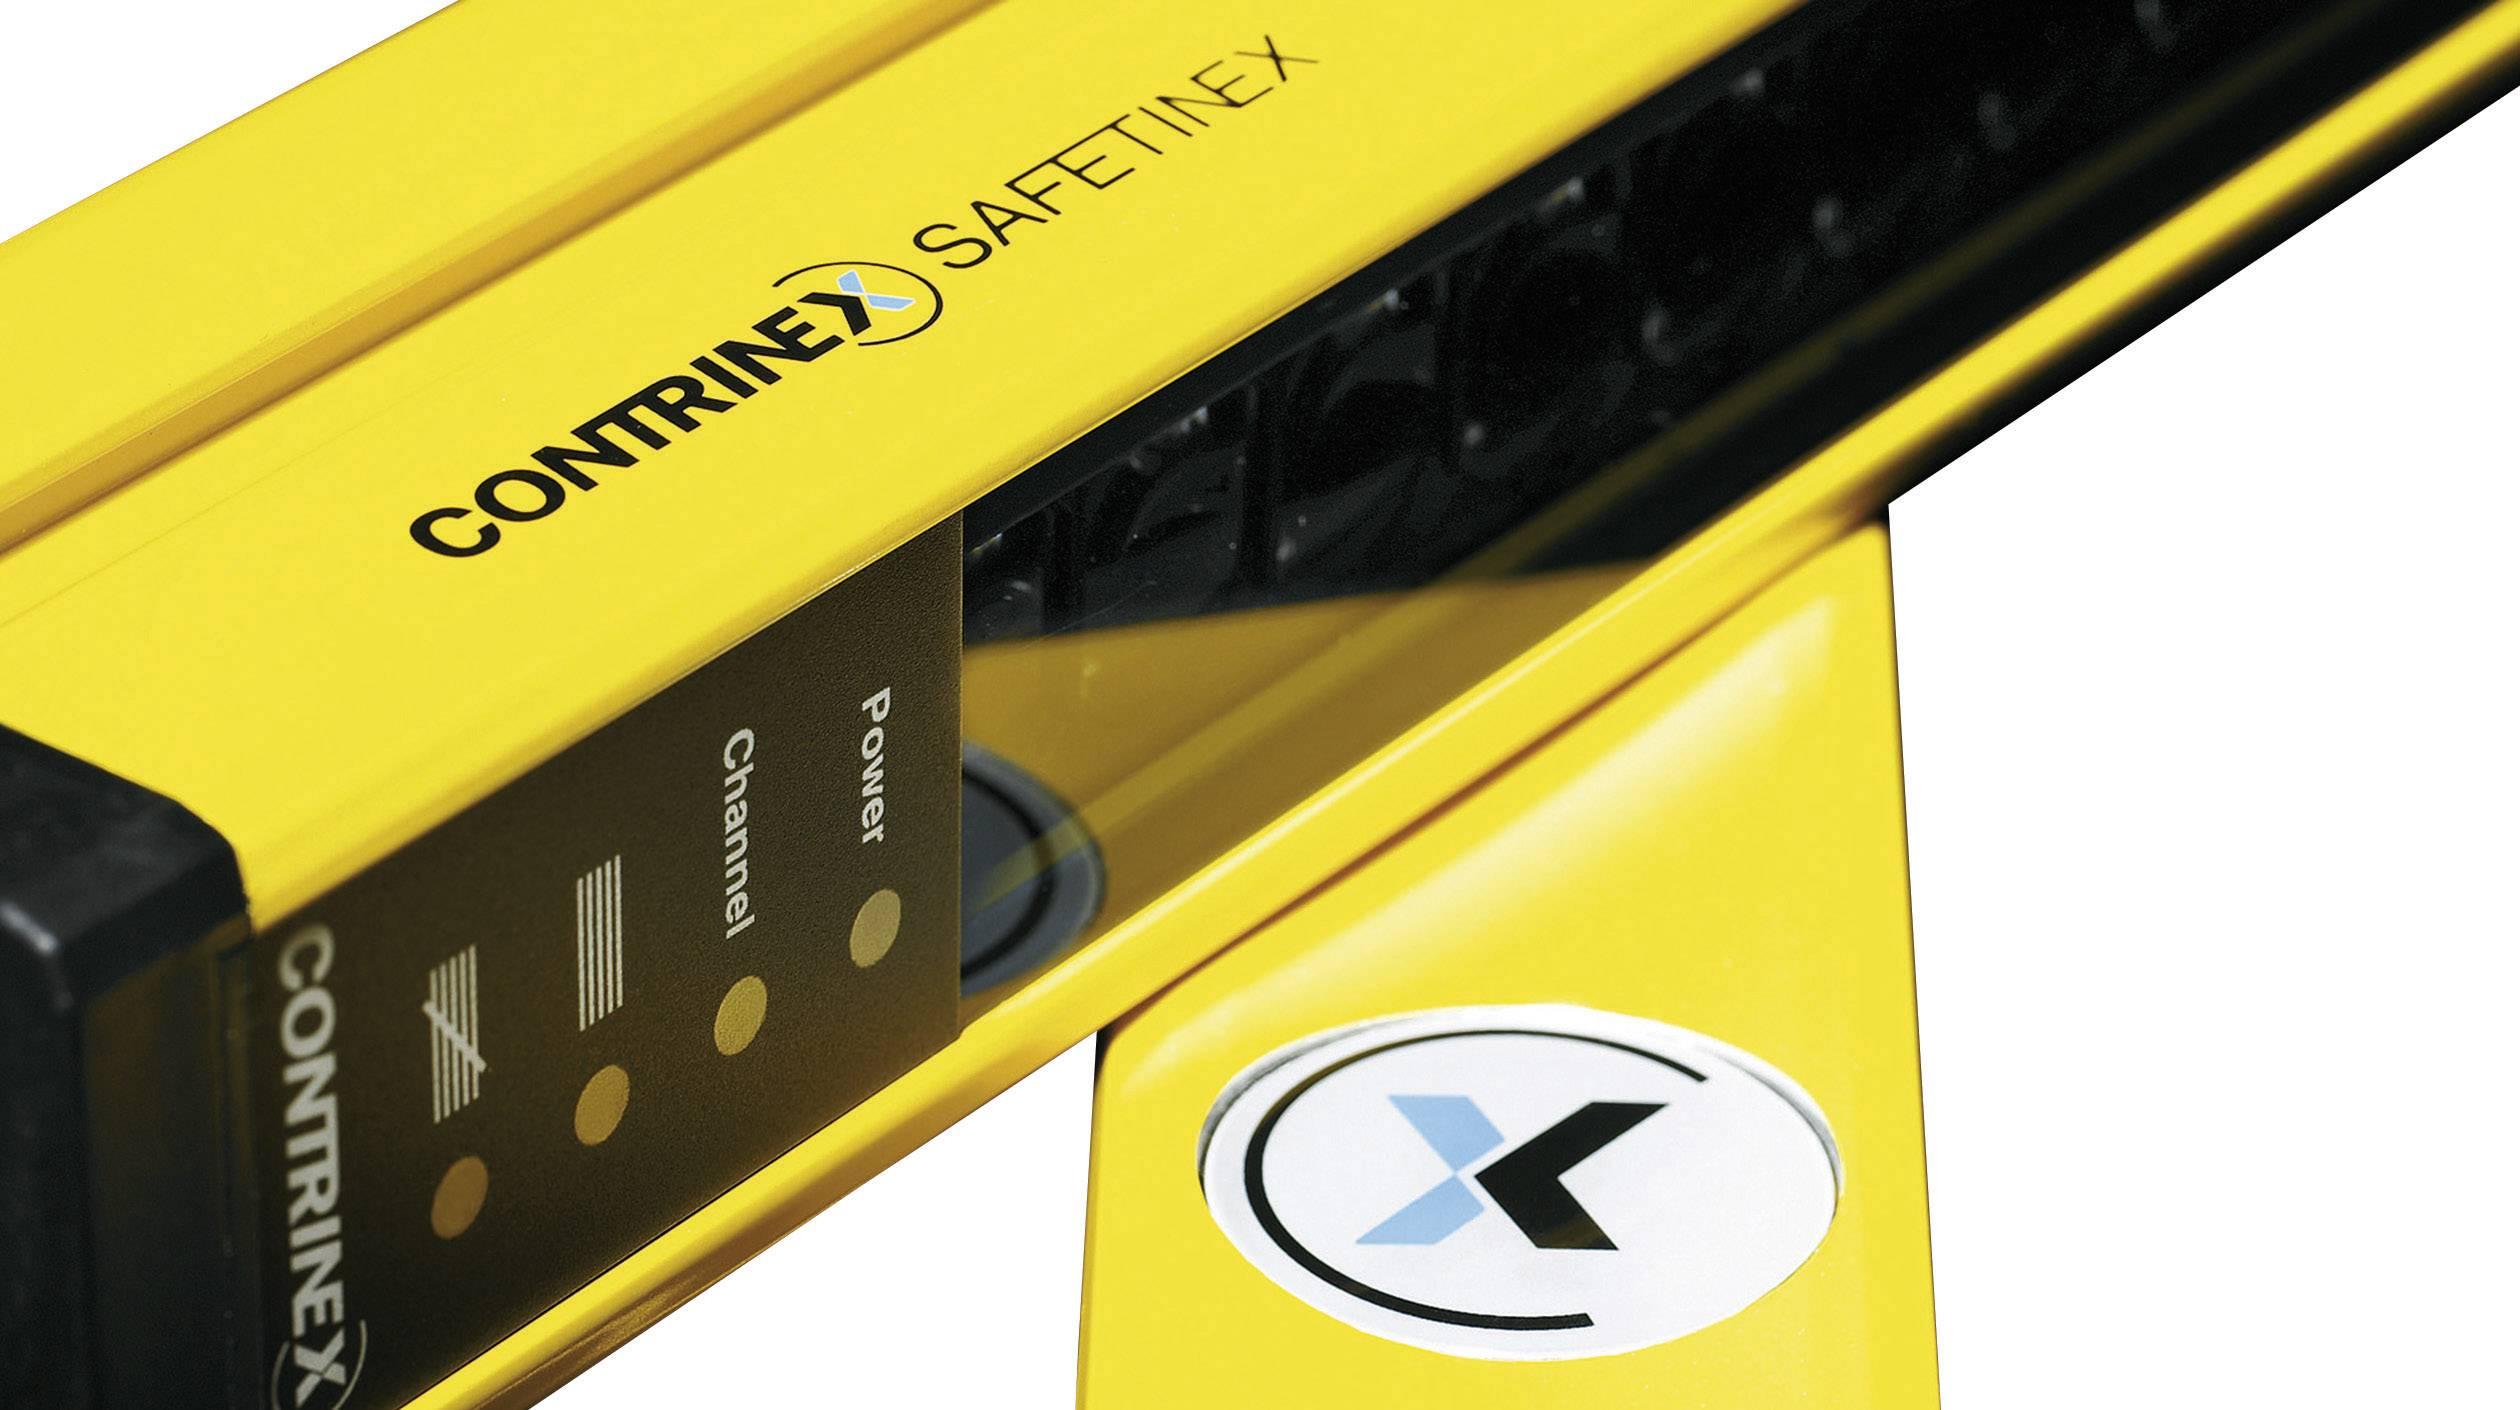 Bezpečnostní světelná závora pro ochranu rukou Contrinex YBB-30R4-0800-G012 630 000 686